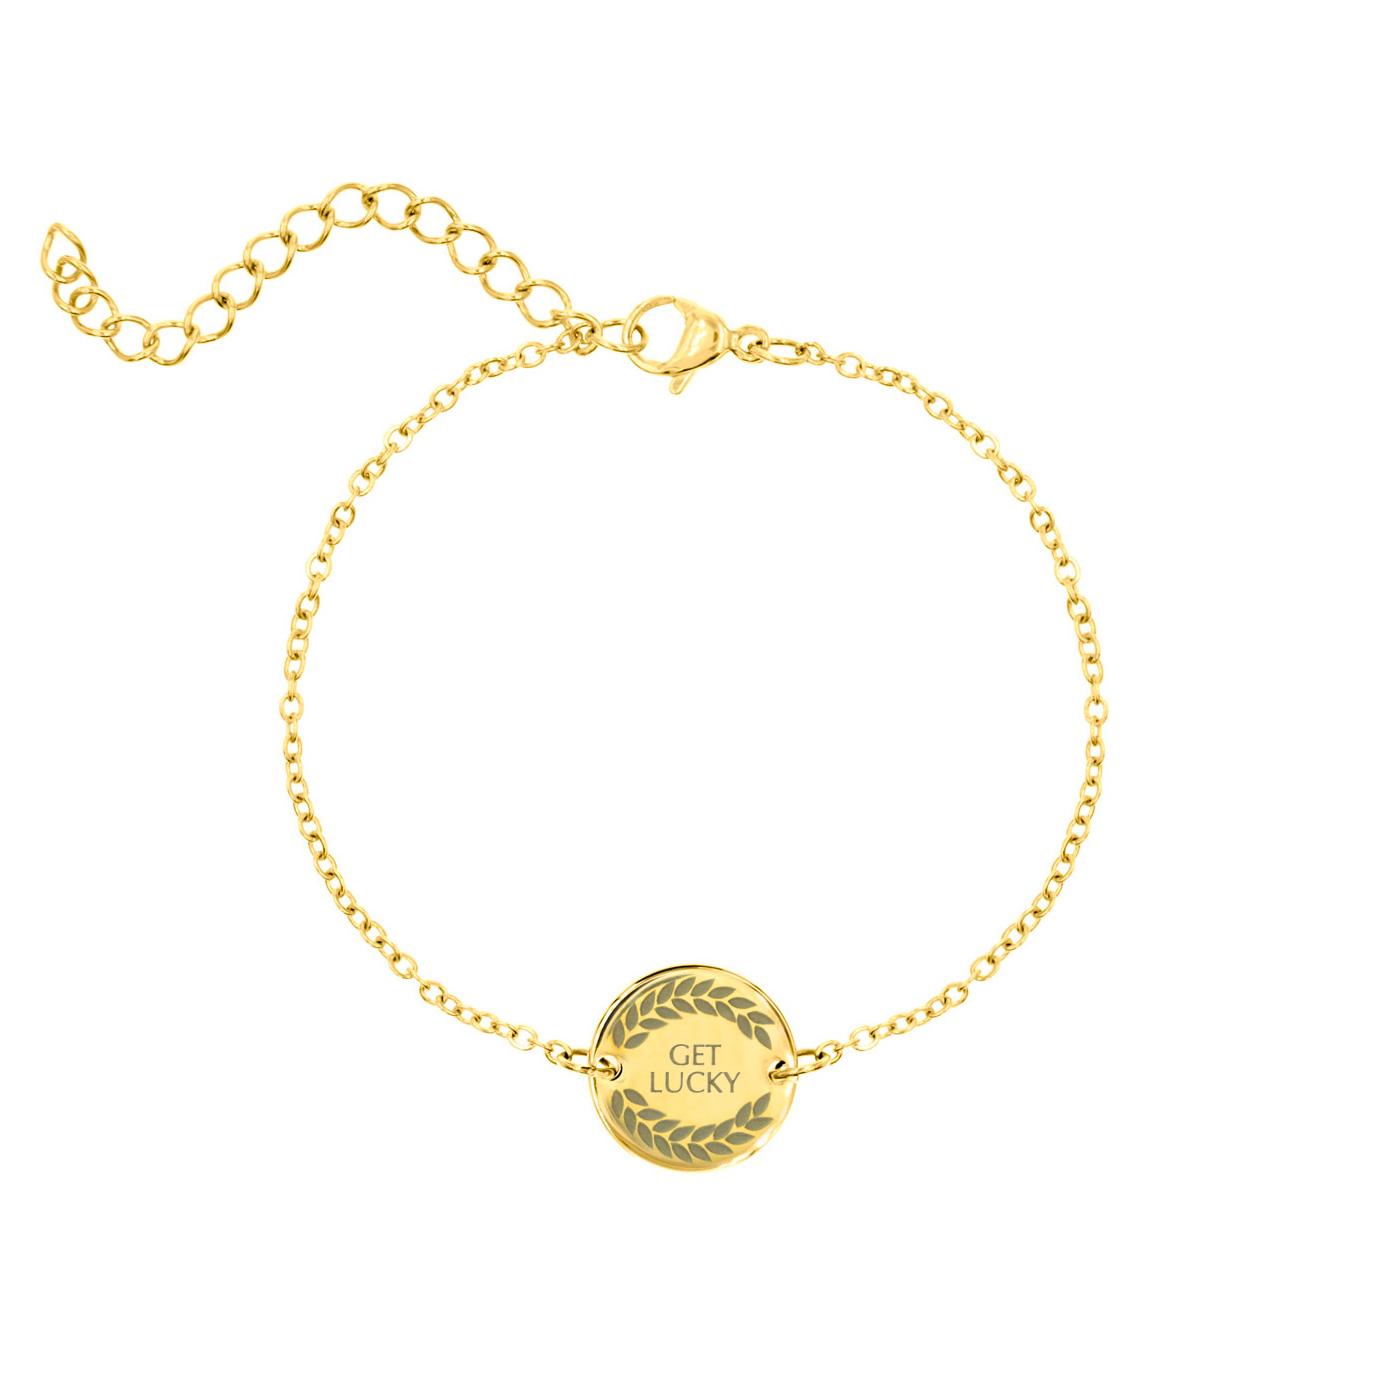 Gouden armband met Get Lucky